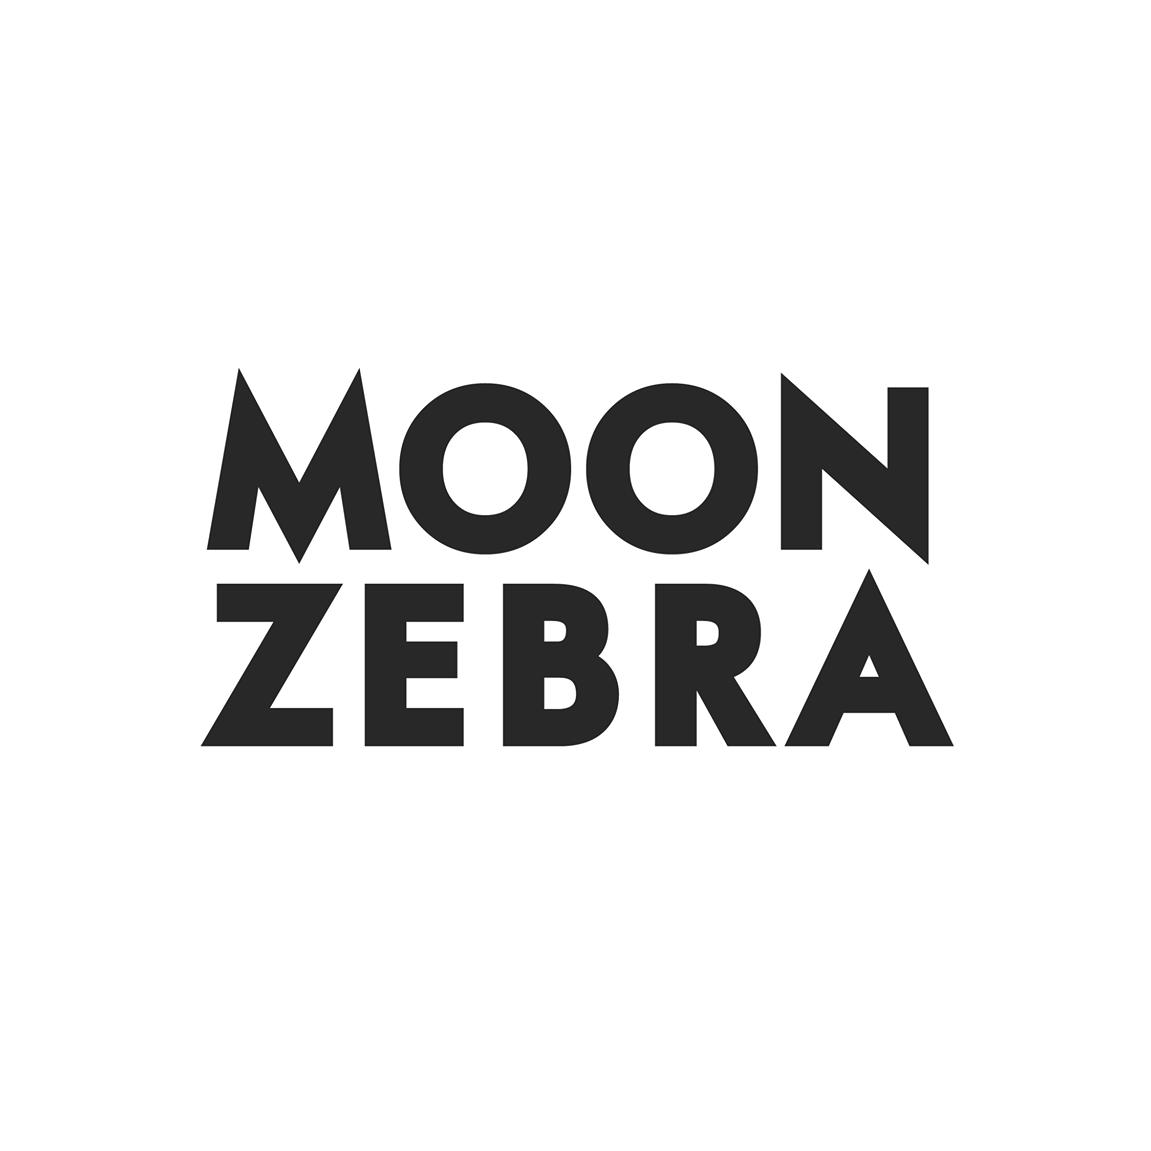 Moon Zebra